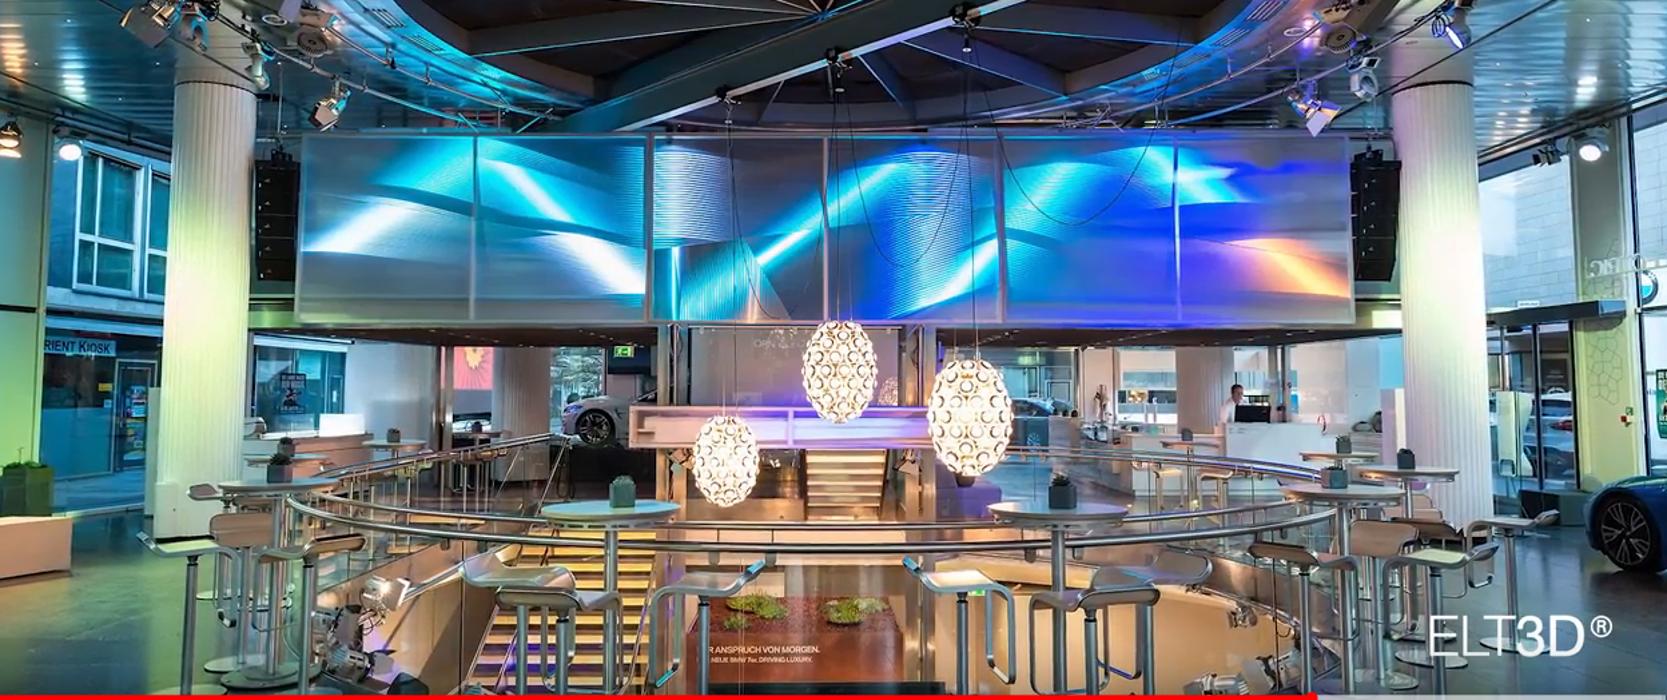 Plafond tendu lumineux et effet 3D 0